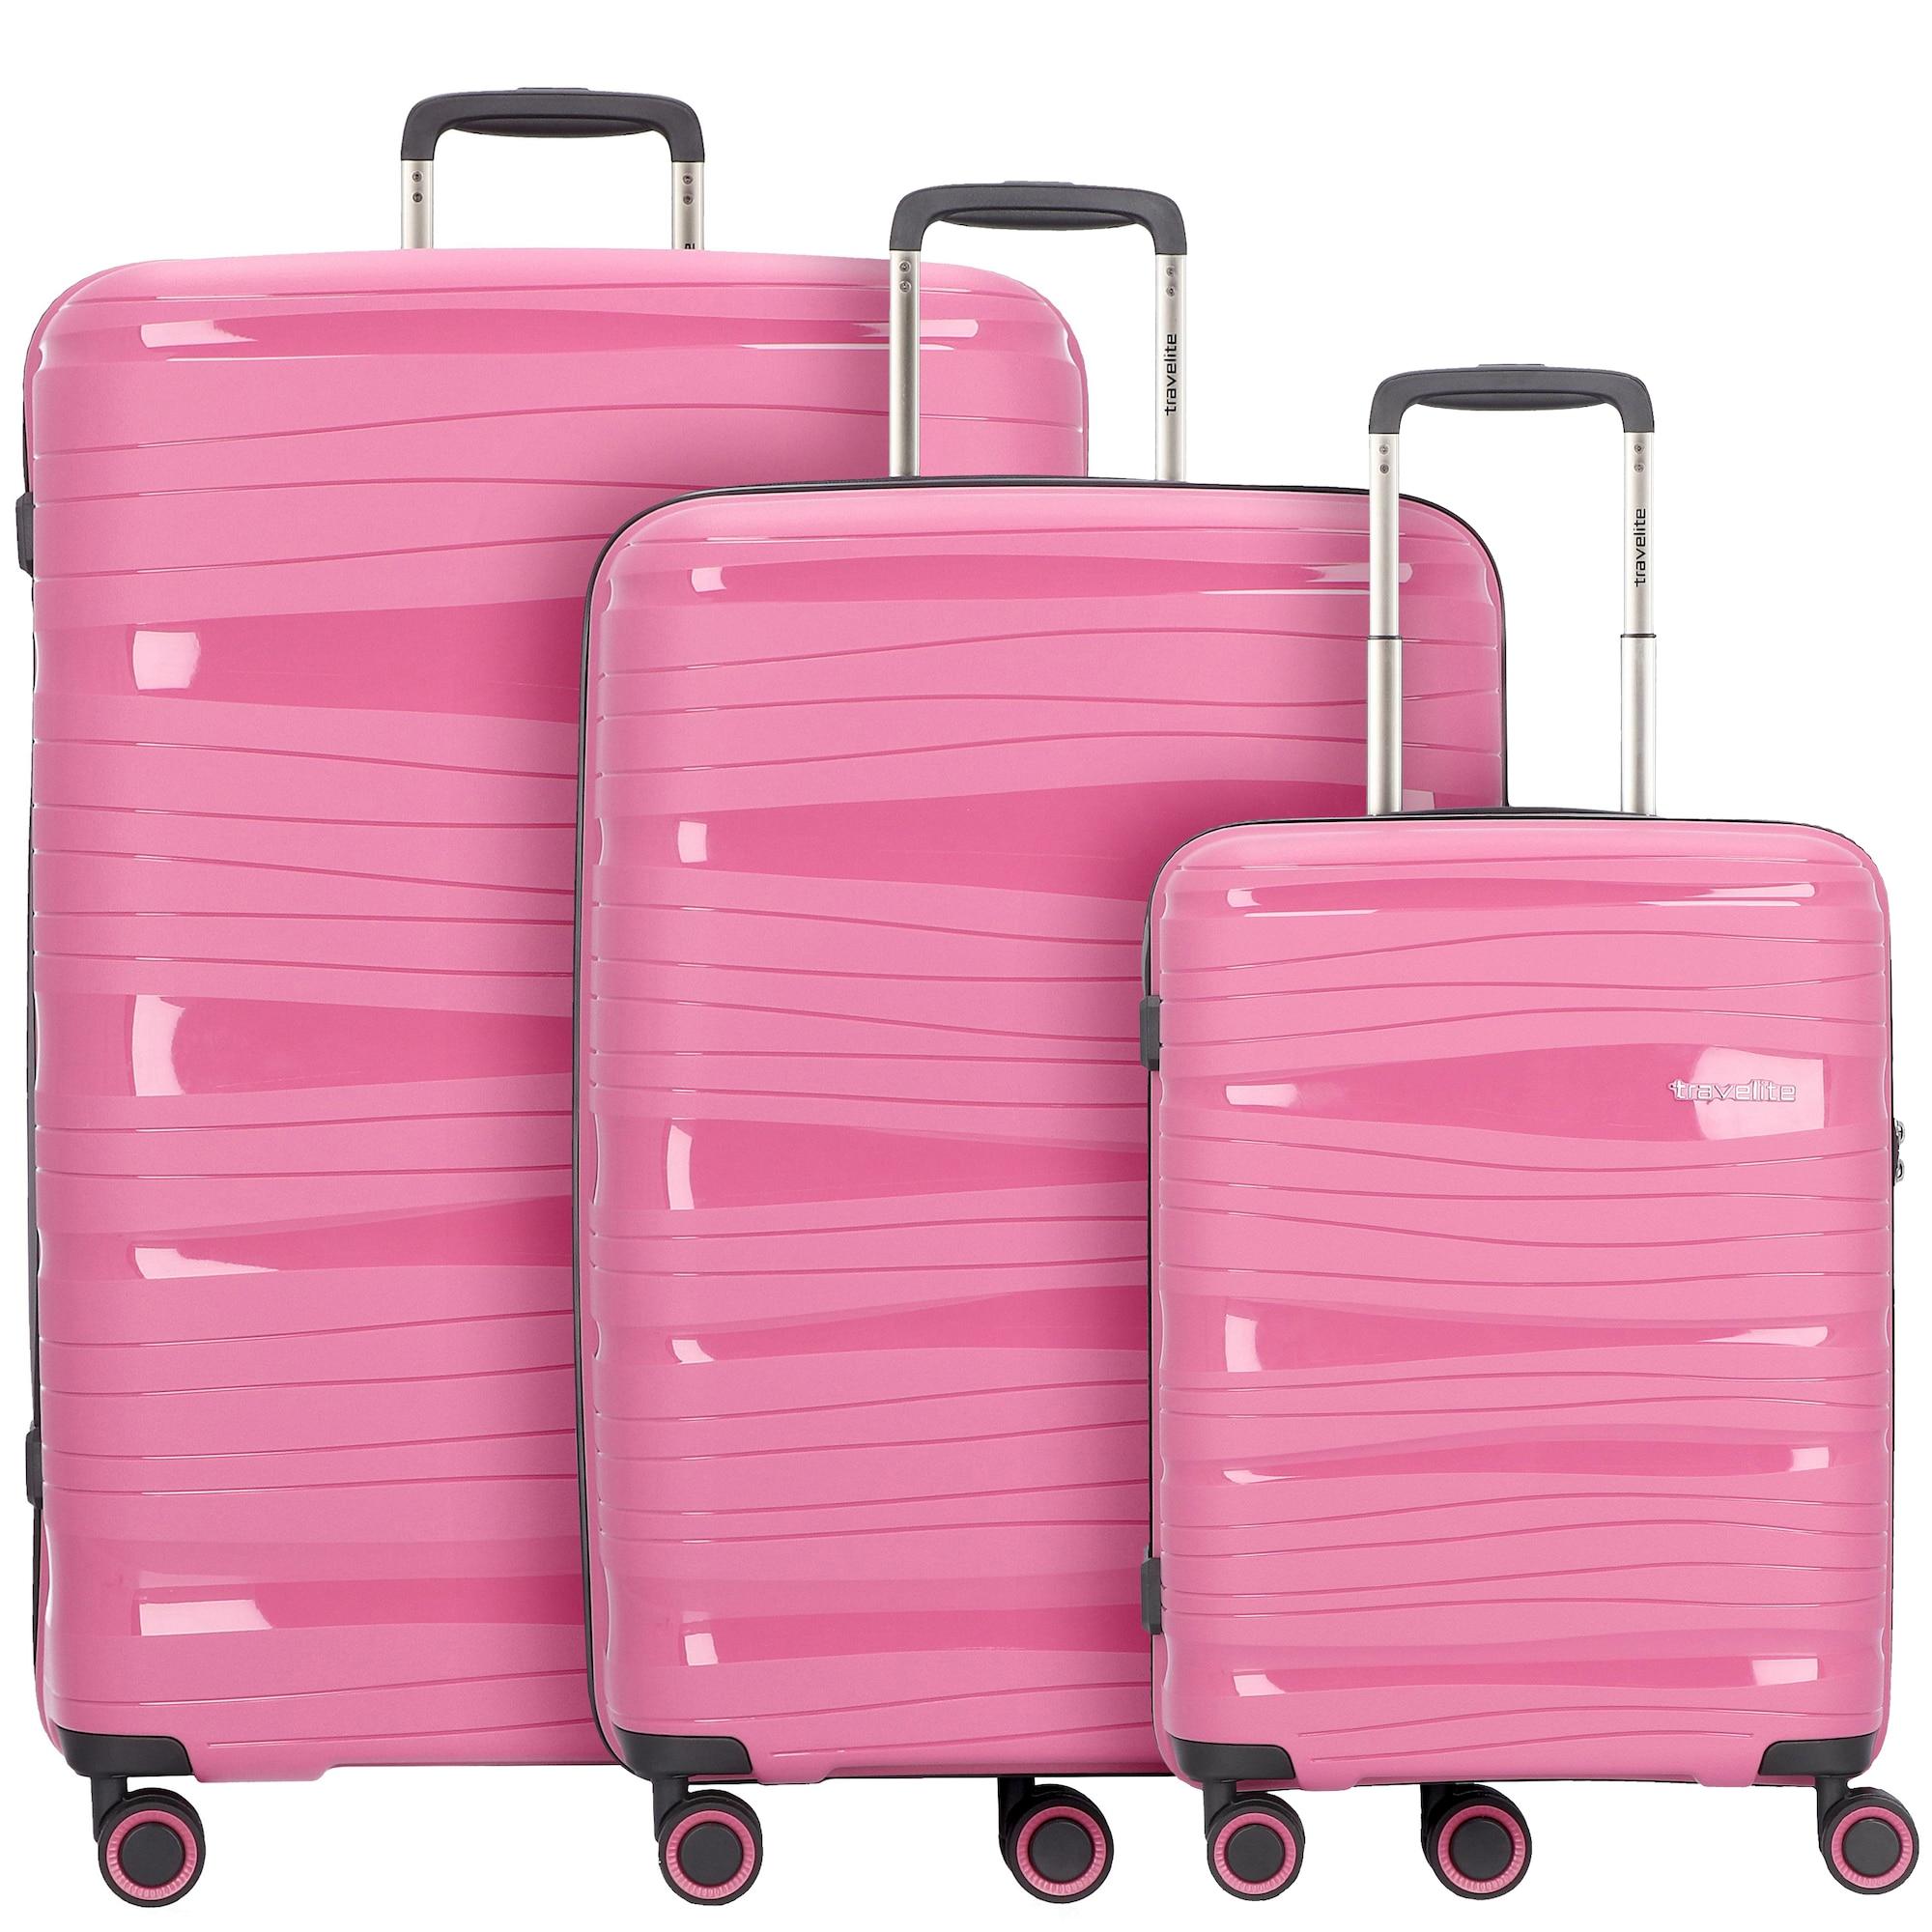 Kofferset 'Motion' | Taschen | Travelite